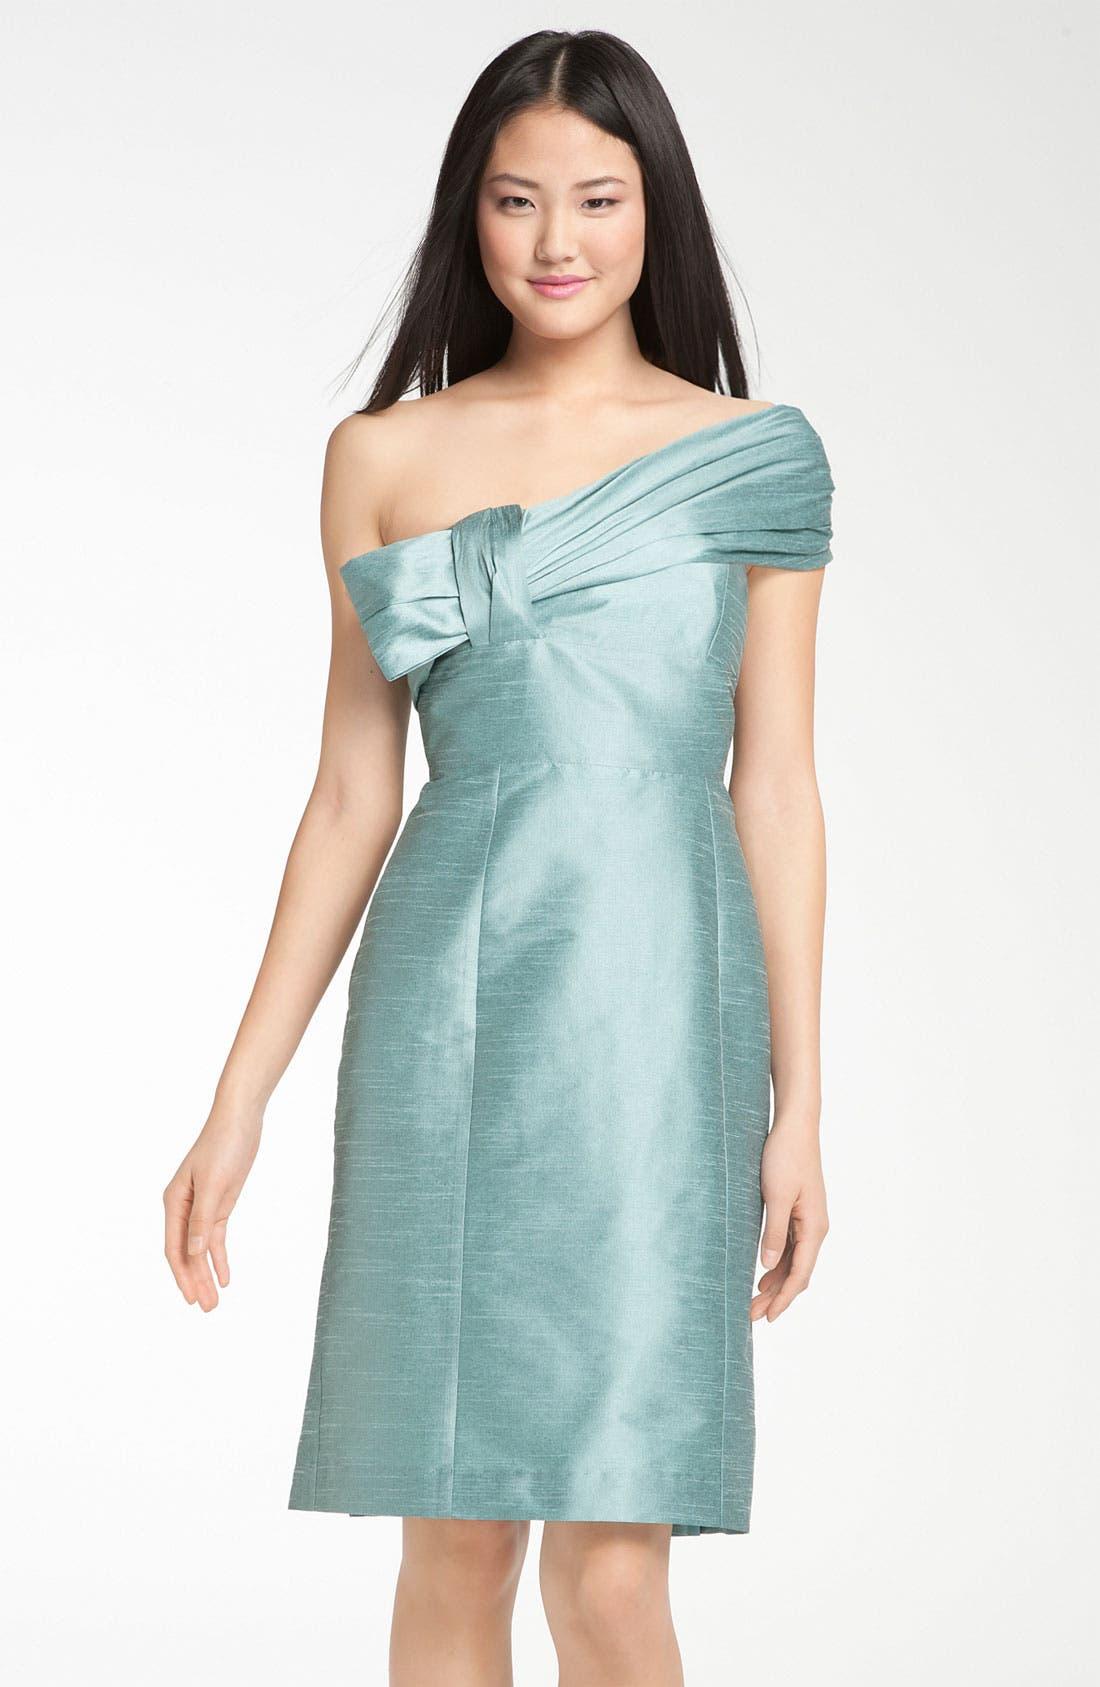 Main Image - Anna Elyse Bridesmaids Convertible Shantung Dress